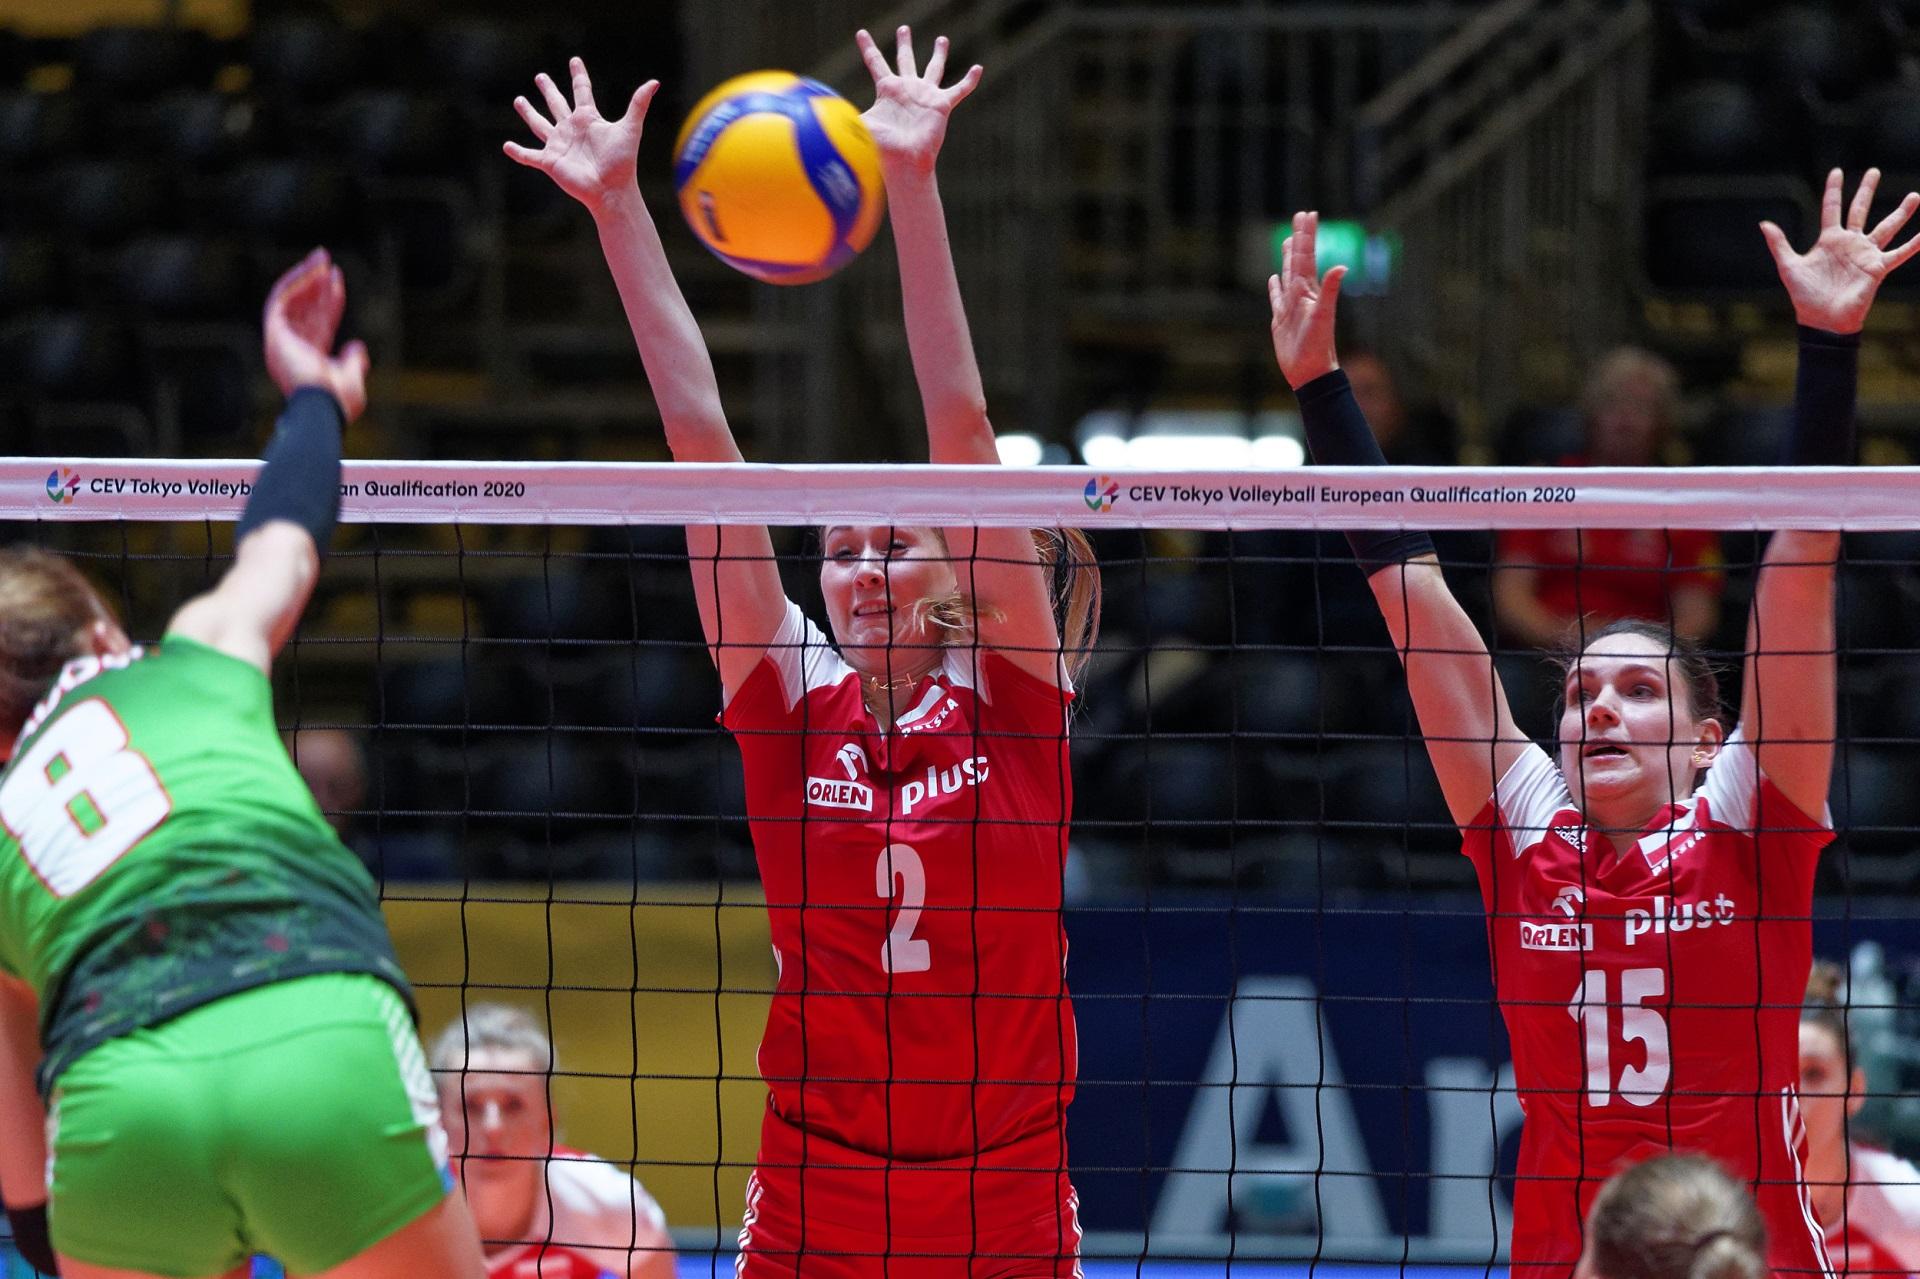 Polskie siatkarki nie wystąpią w igrzyskach olimpijskich w Tokio